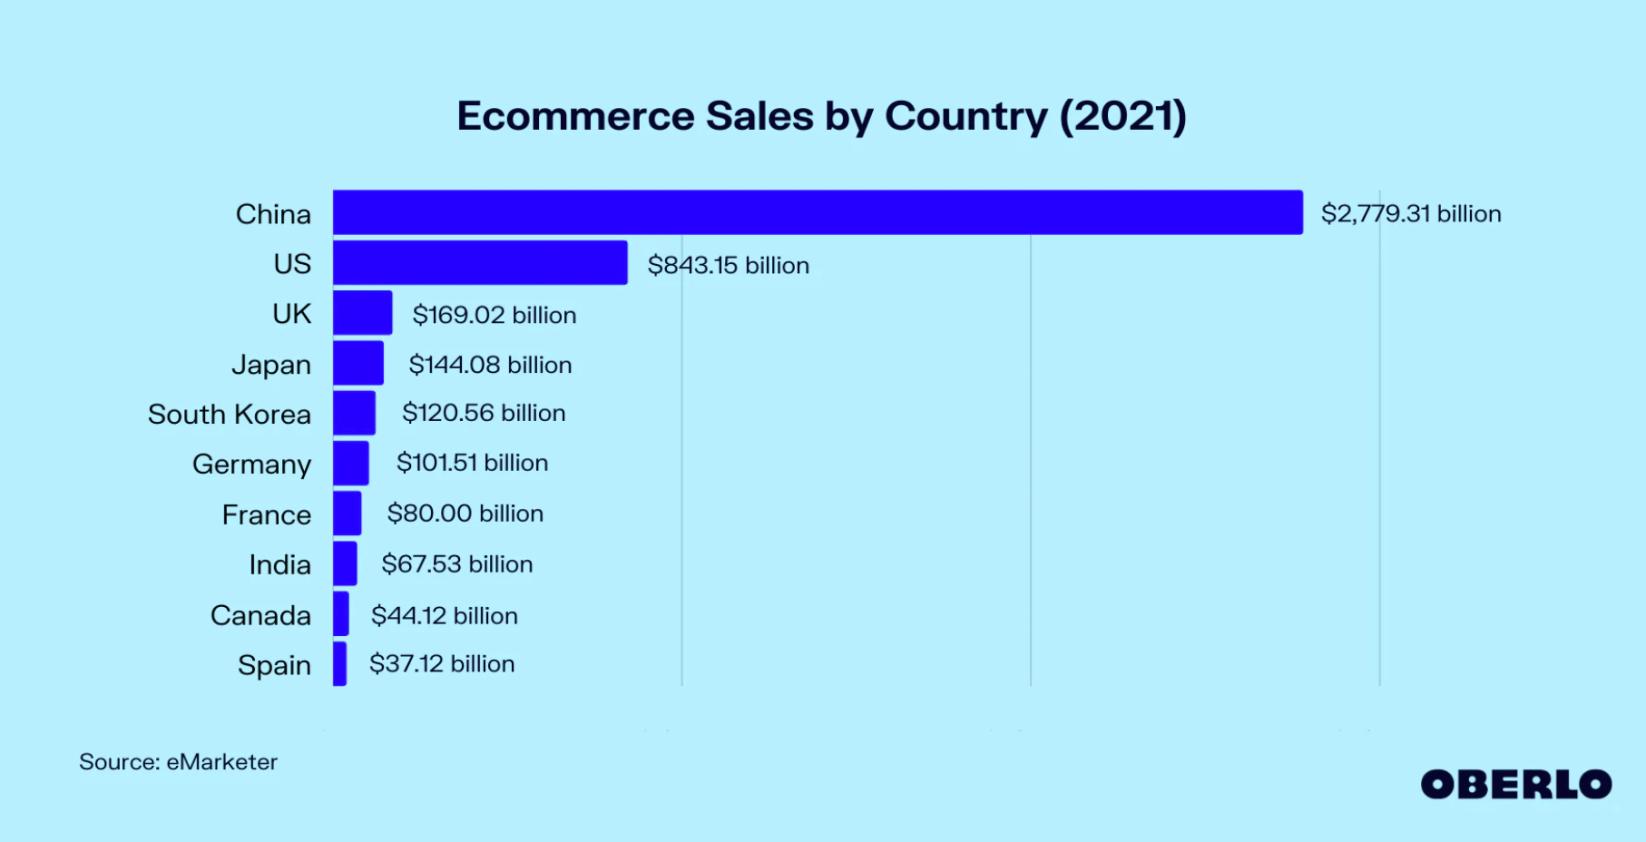 Przewidywana zmiana na rynkach e-commerce w 2021